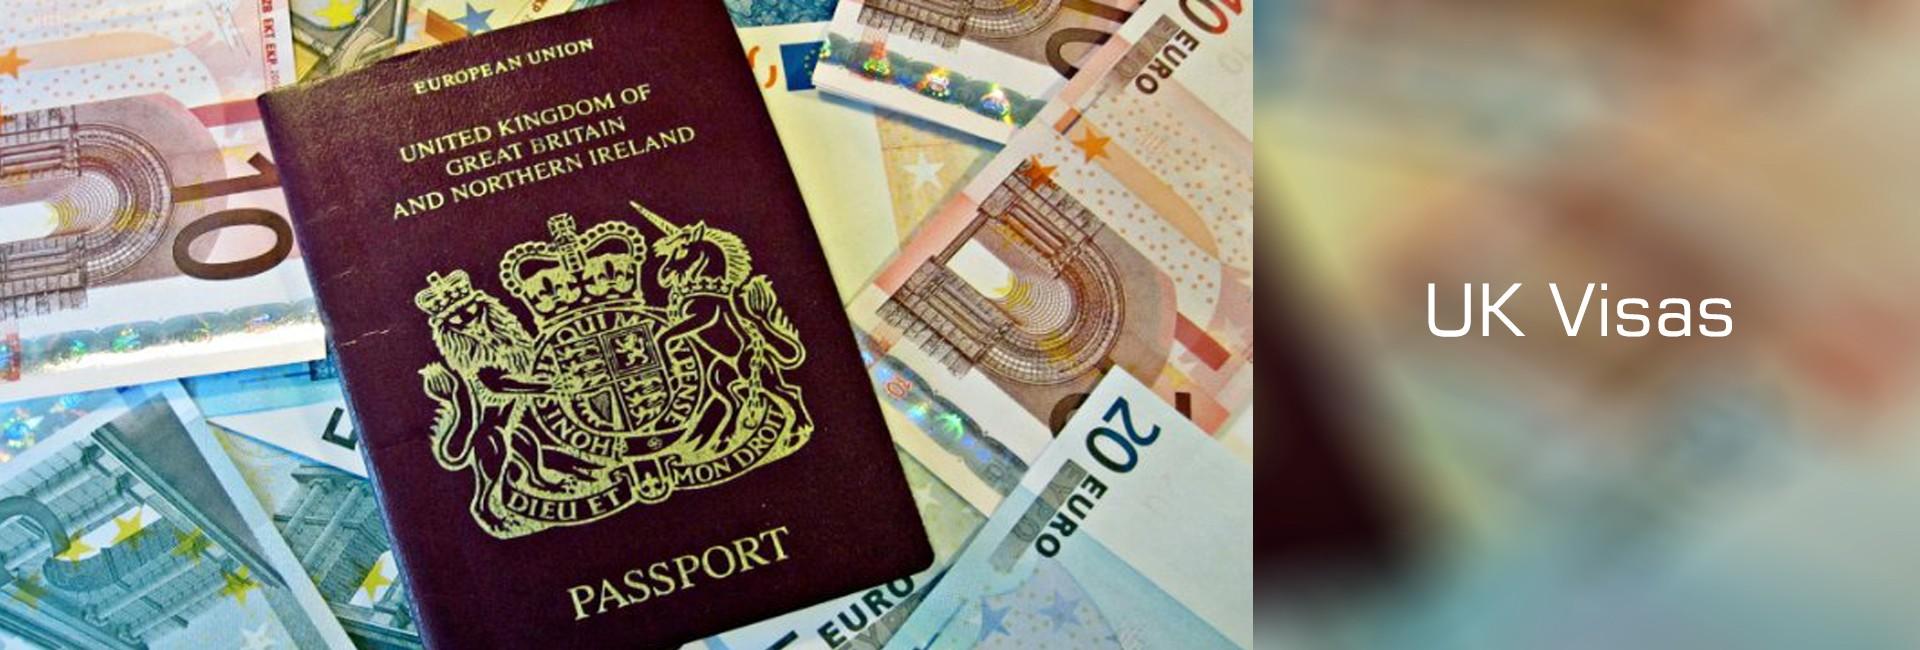 UK Visas – M  R  I  CHOWDHURY & ASSOCIATES